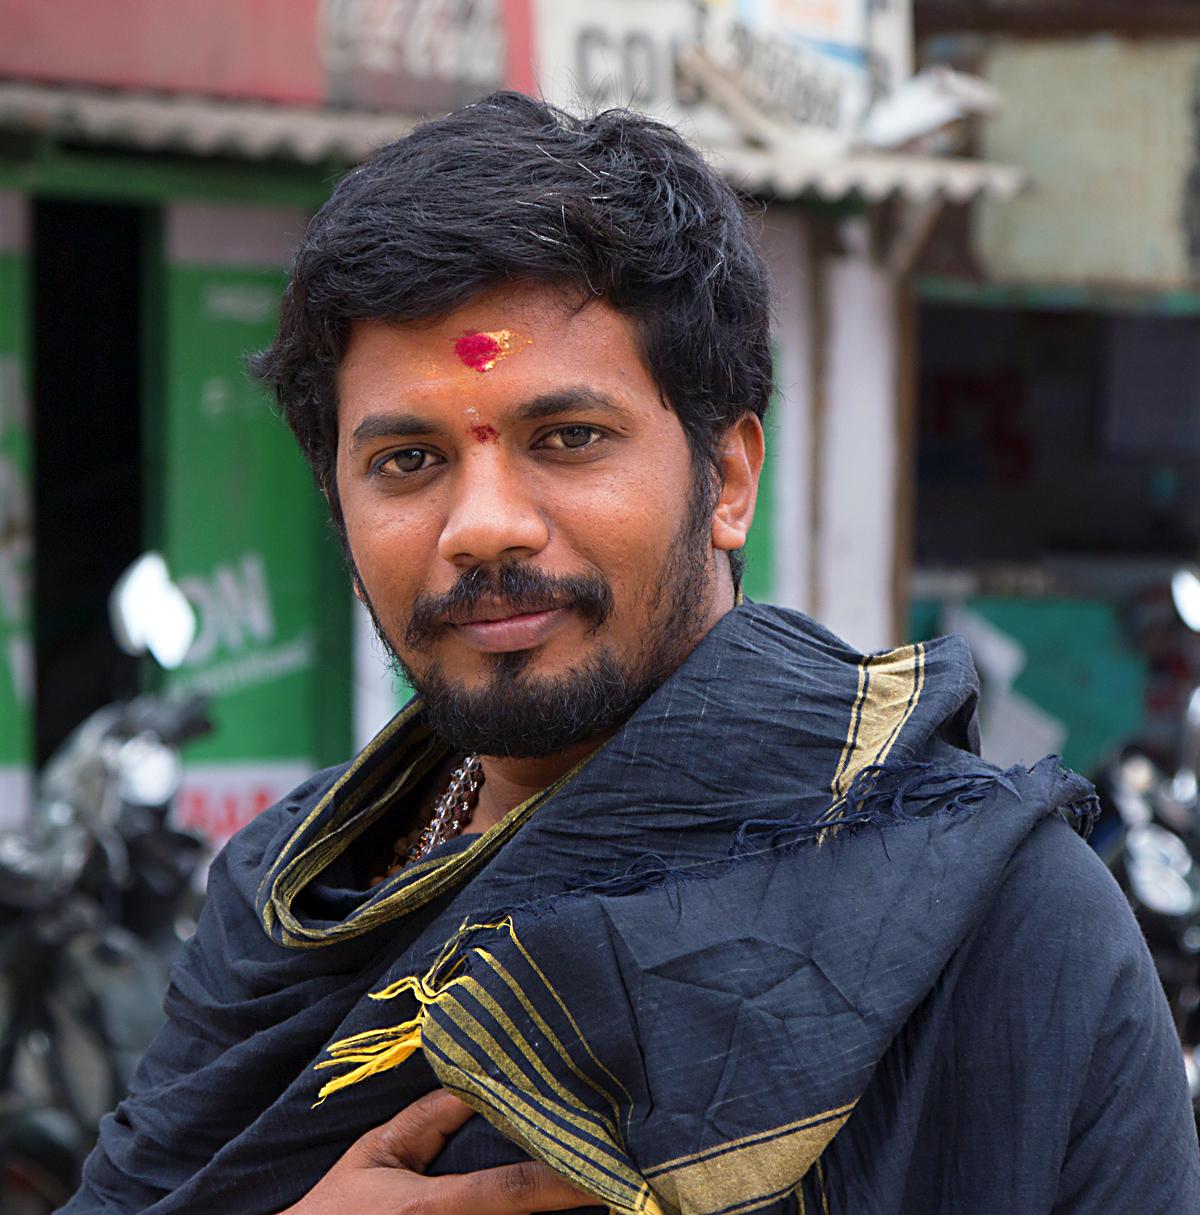 INDIEN Chennai Menschen Tempel FINEST-onTour 7462.jpg